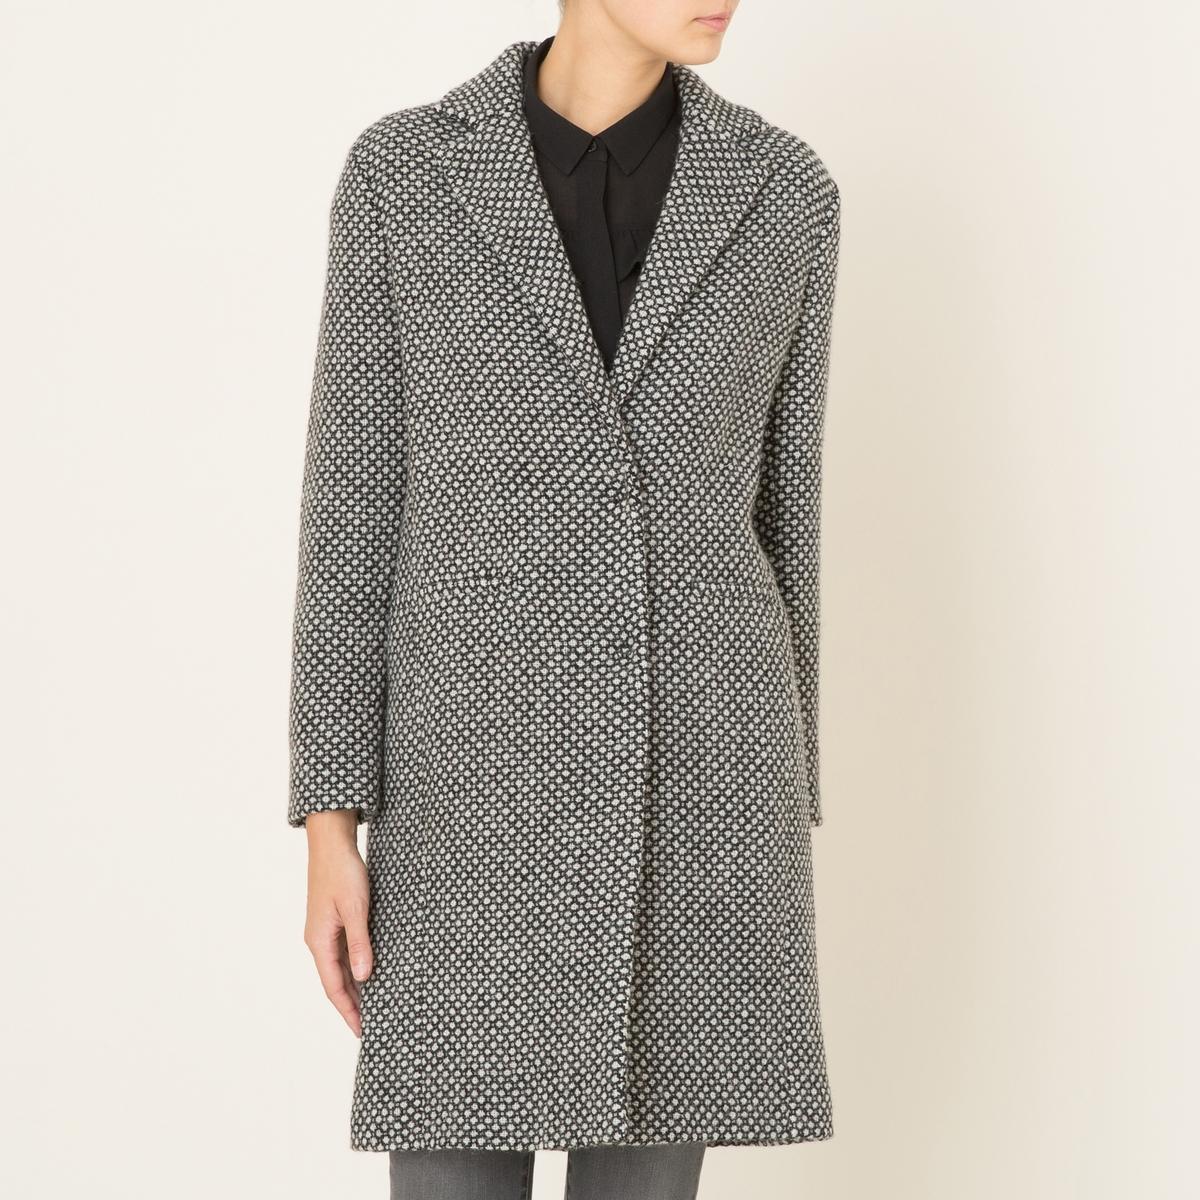 Пальто PARIOПальто DIEGA - модель PARIO, из твида. Пальто в стиле пардессю. Пиджачный воротник. 2 прямых кармана. Застежка на 2 кнопки.Состав и описание    Материал : 100% полиэстер   Длина : посередине сзади 95 см. (для размера S)   Марка : DIEGA<br><br>Цвет: черный/ белый<br>Размер: XL